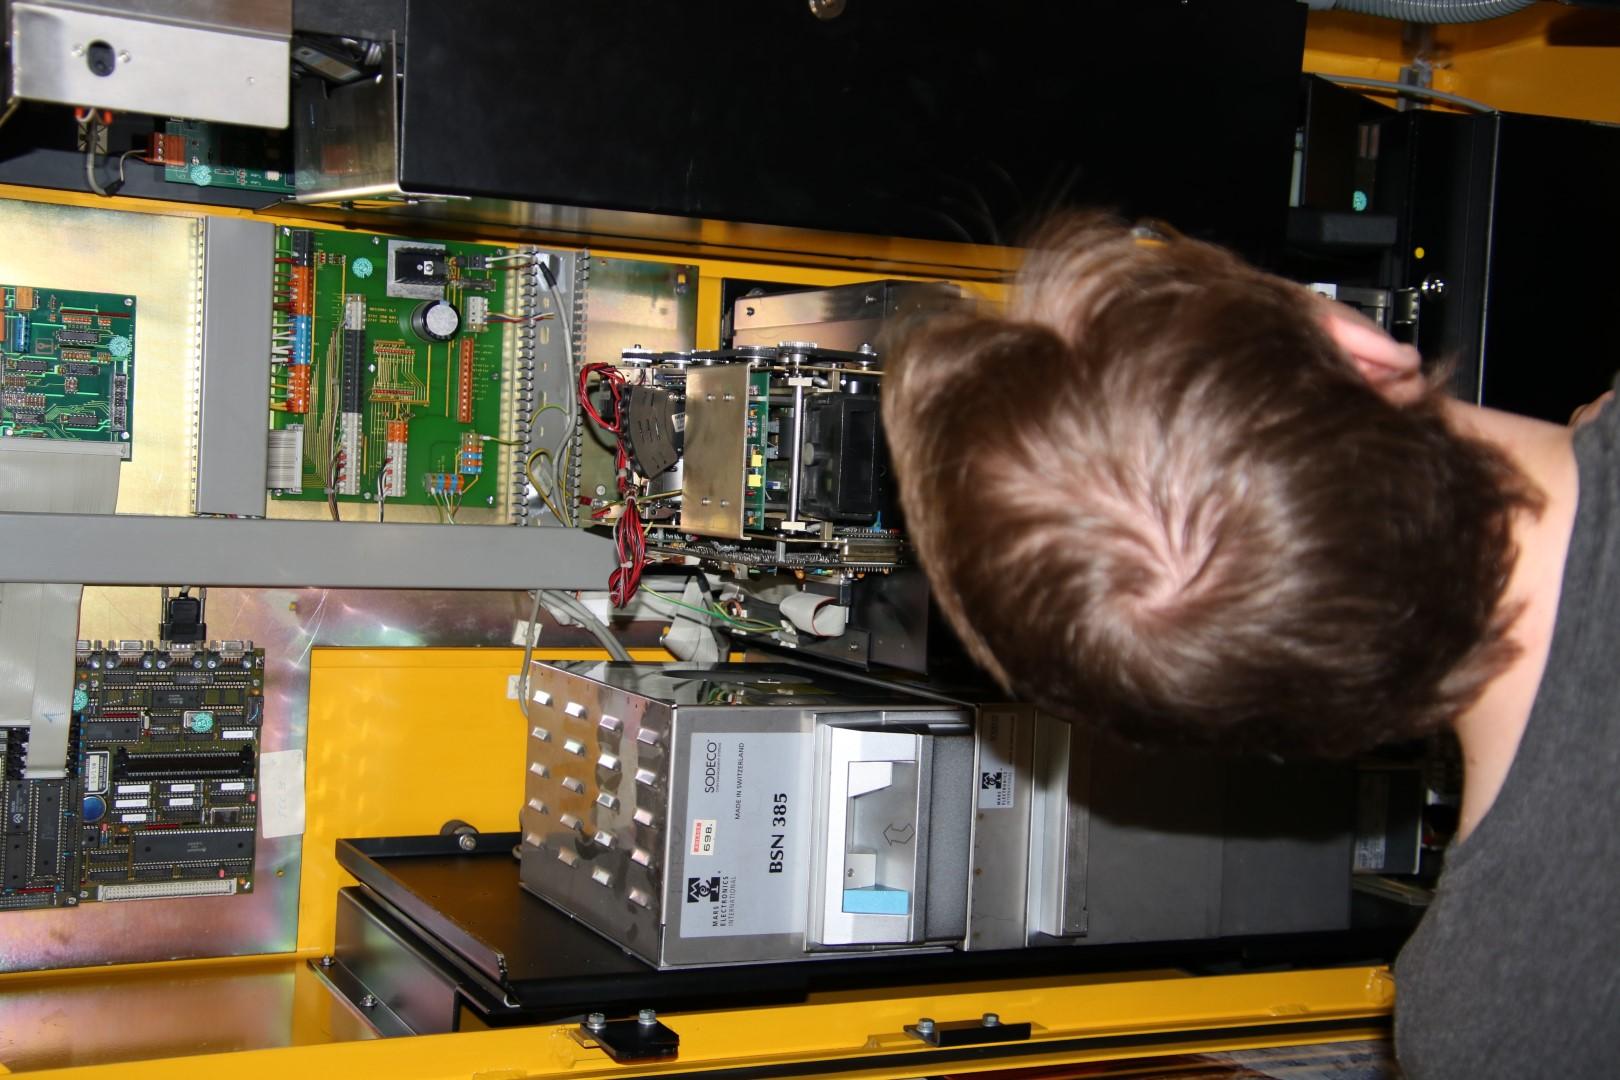 Automatenfachmann/-Frau - Automatendienstleistung